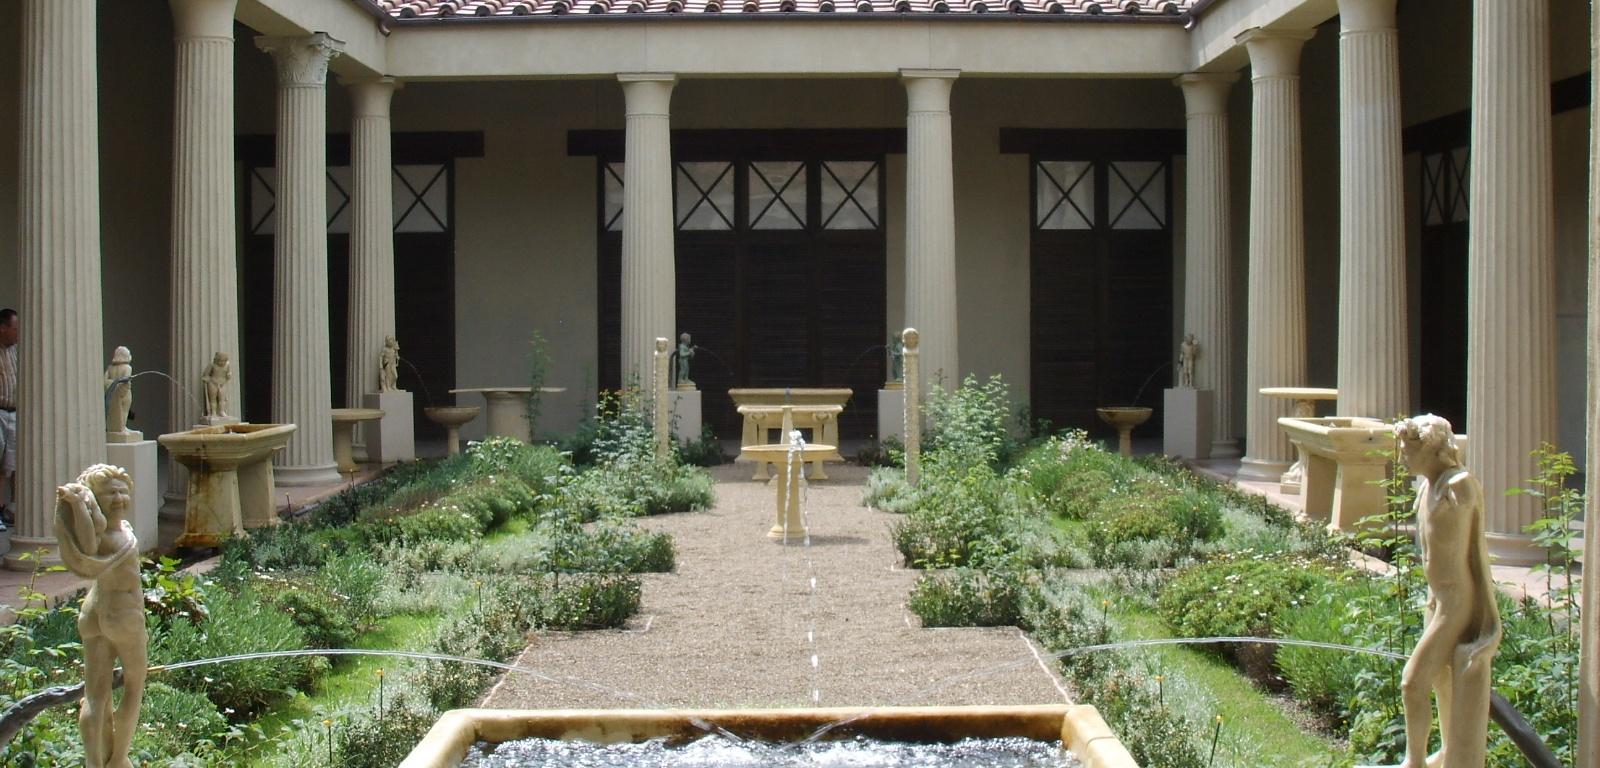 Ricostruzione_del_giardino_della_casa_dei_vetii_di_pompei_mostra_al_giardino_di_boboli_2009